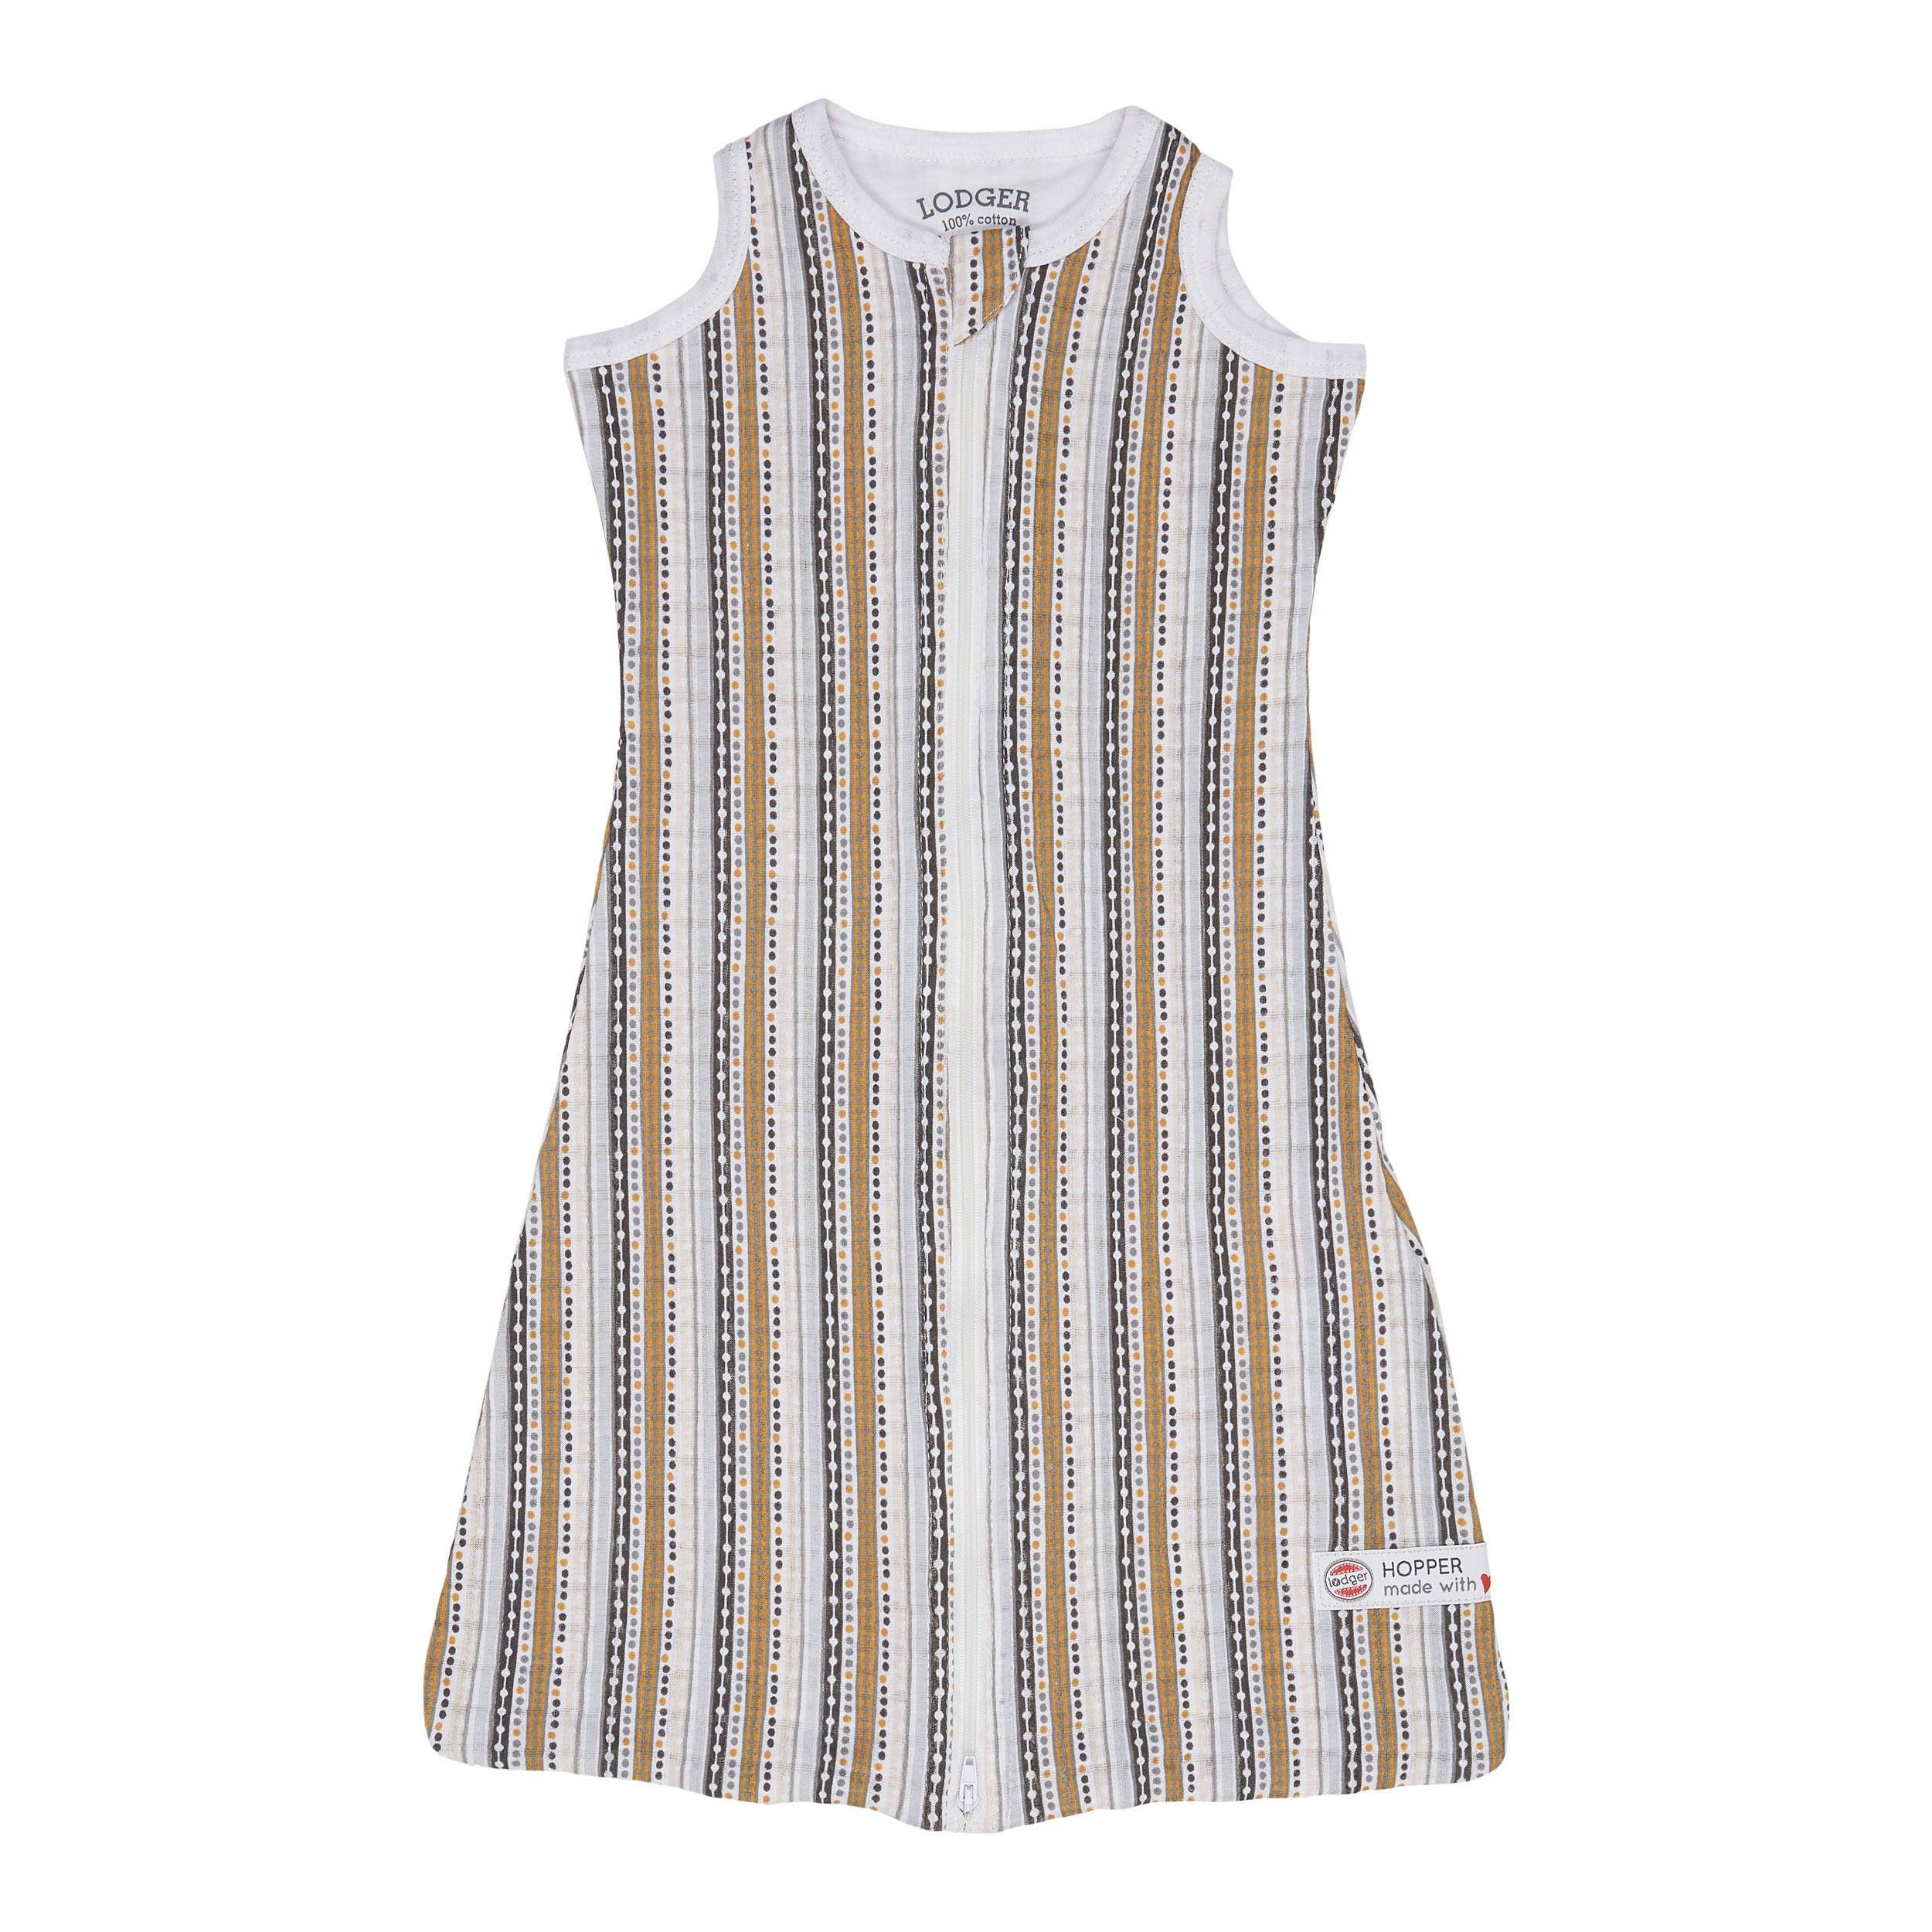 sale retailer 3727e 52840 Baby summer sleeping bag